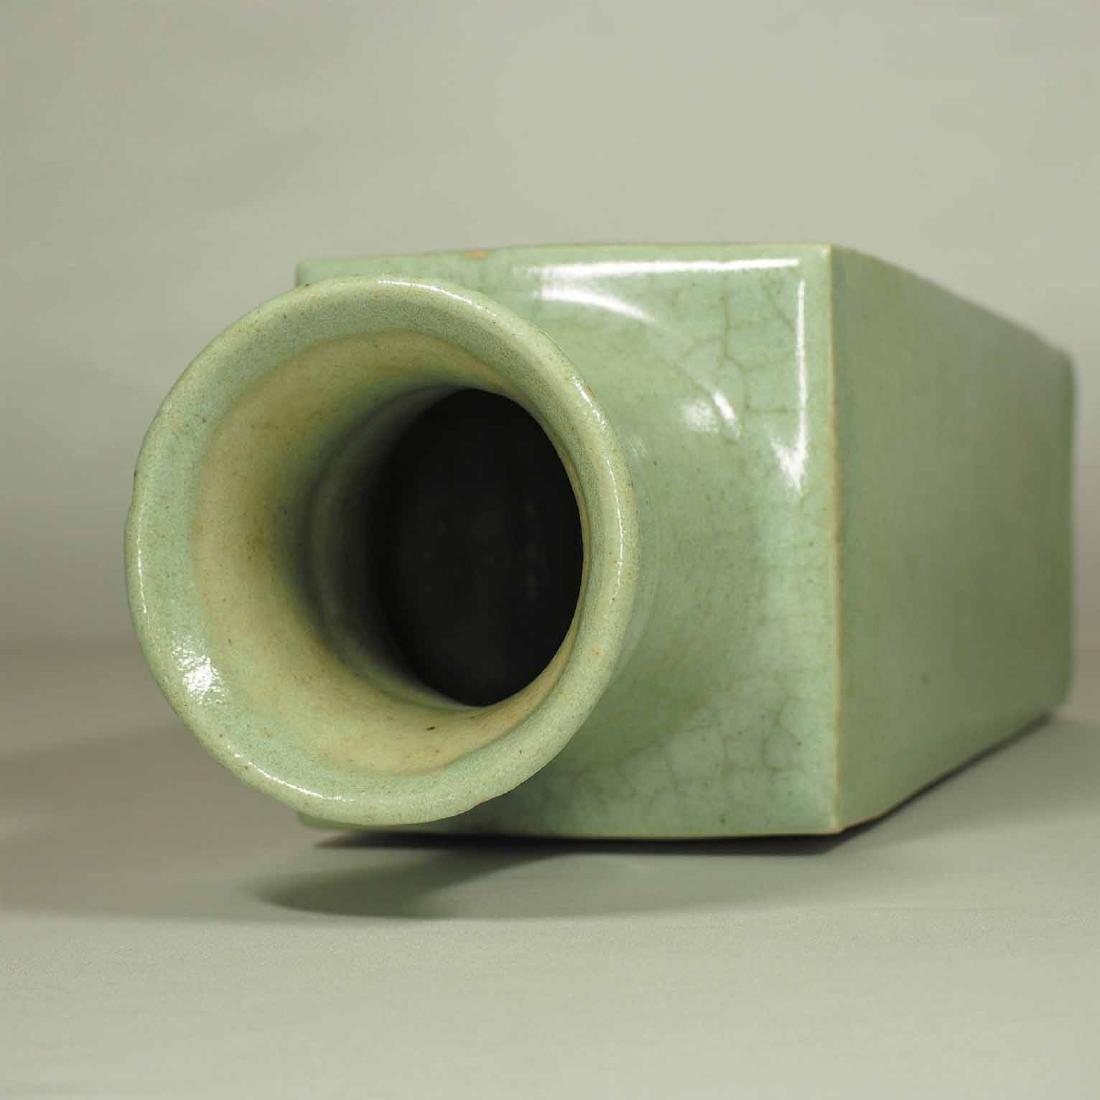 Celadon Square Crackled Vase, Ming Dynasty - 5